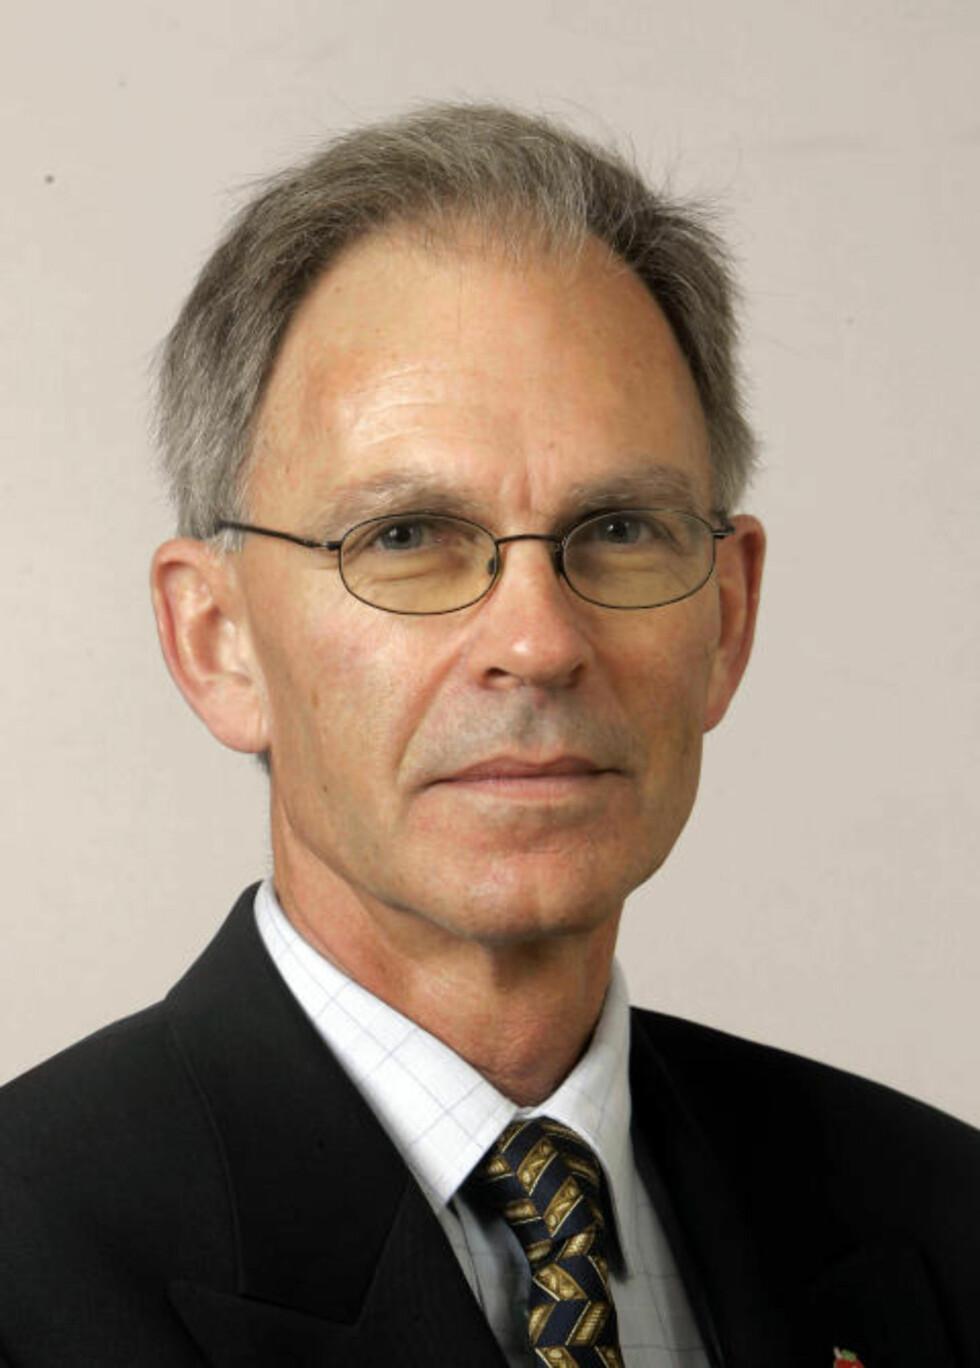 KOSMISK STRÅLING:  Stortingsrepresentant Arne Sortevik, vil legge CO2-basert klimapolitikk til side. Han mener solen og kosmisk stråling styrer klimaet på jorden. Foto: Knut Falch/SCANPIX